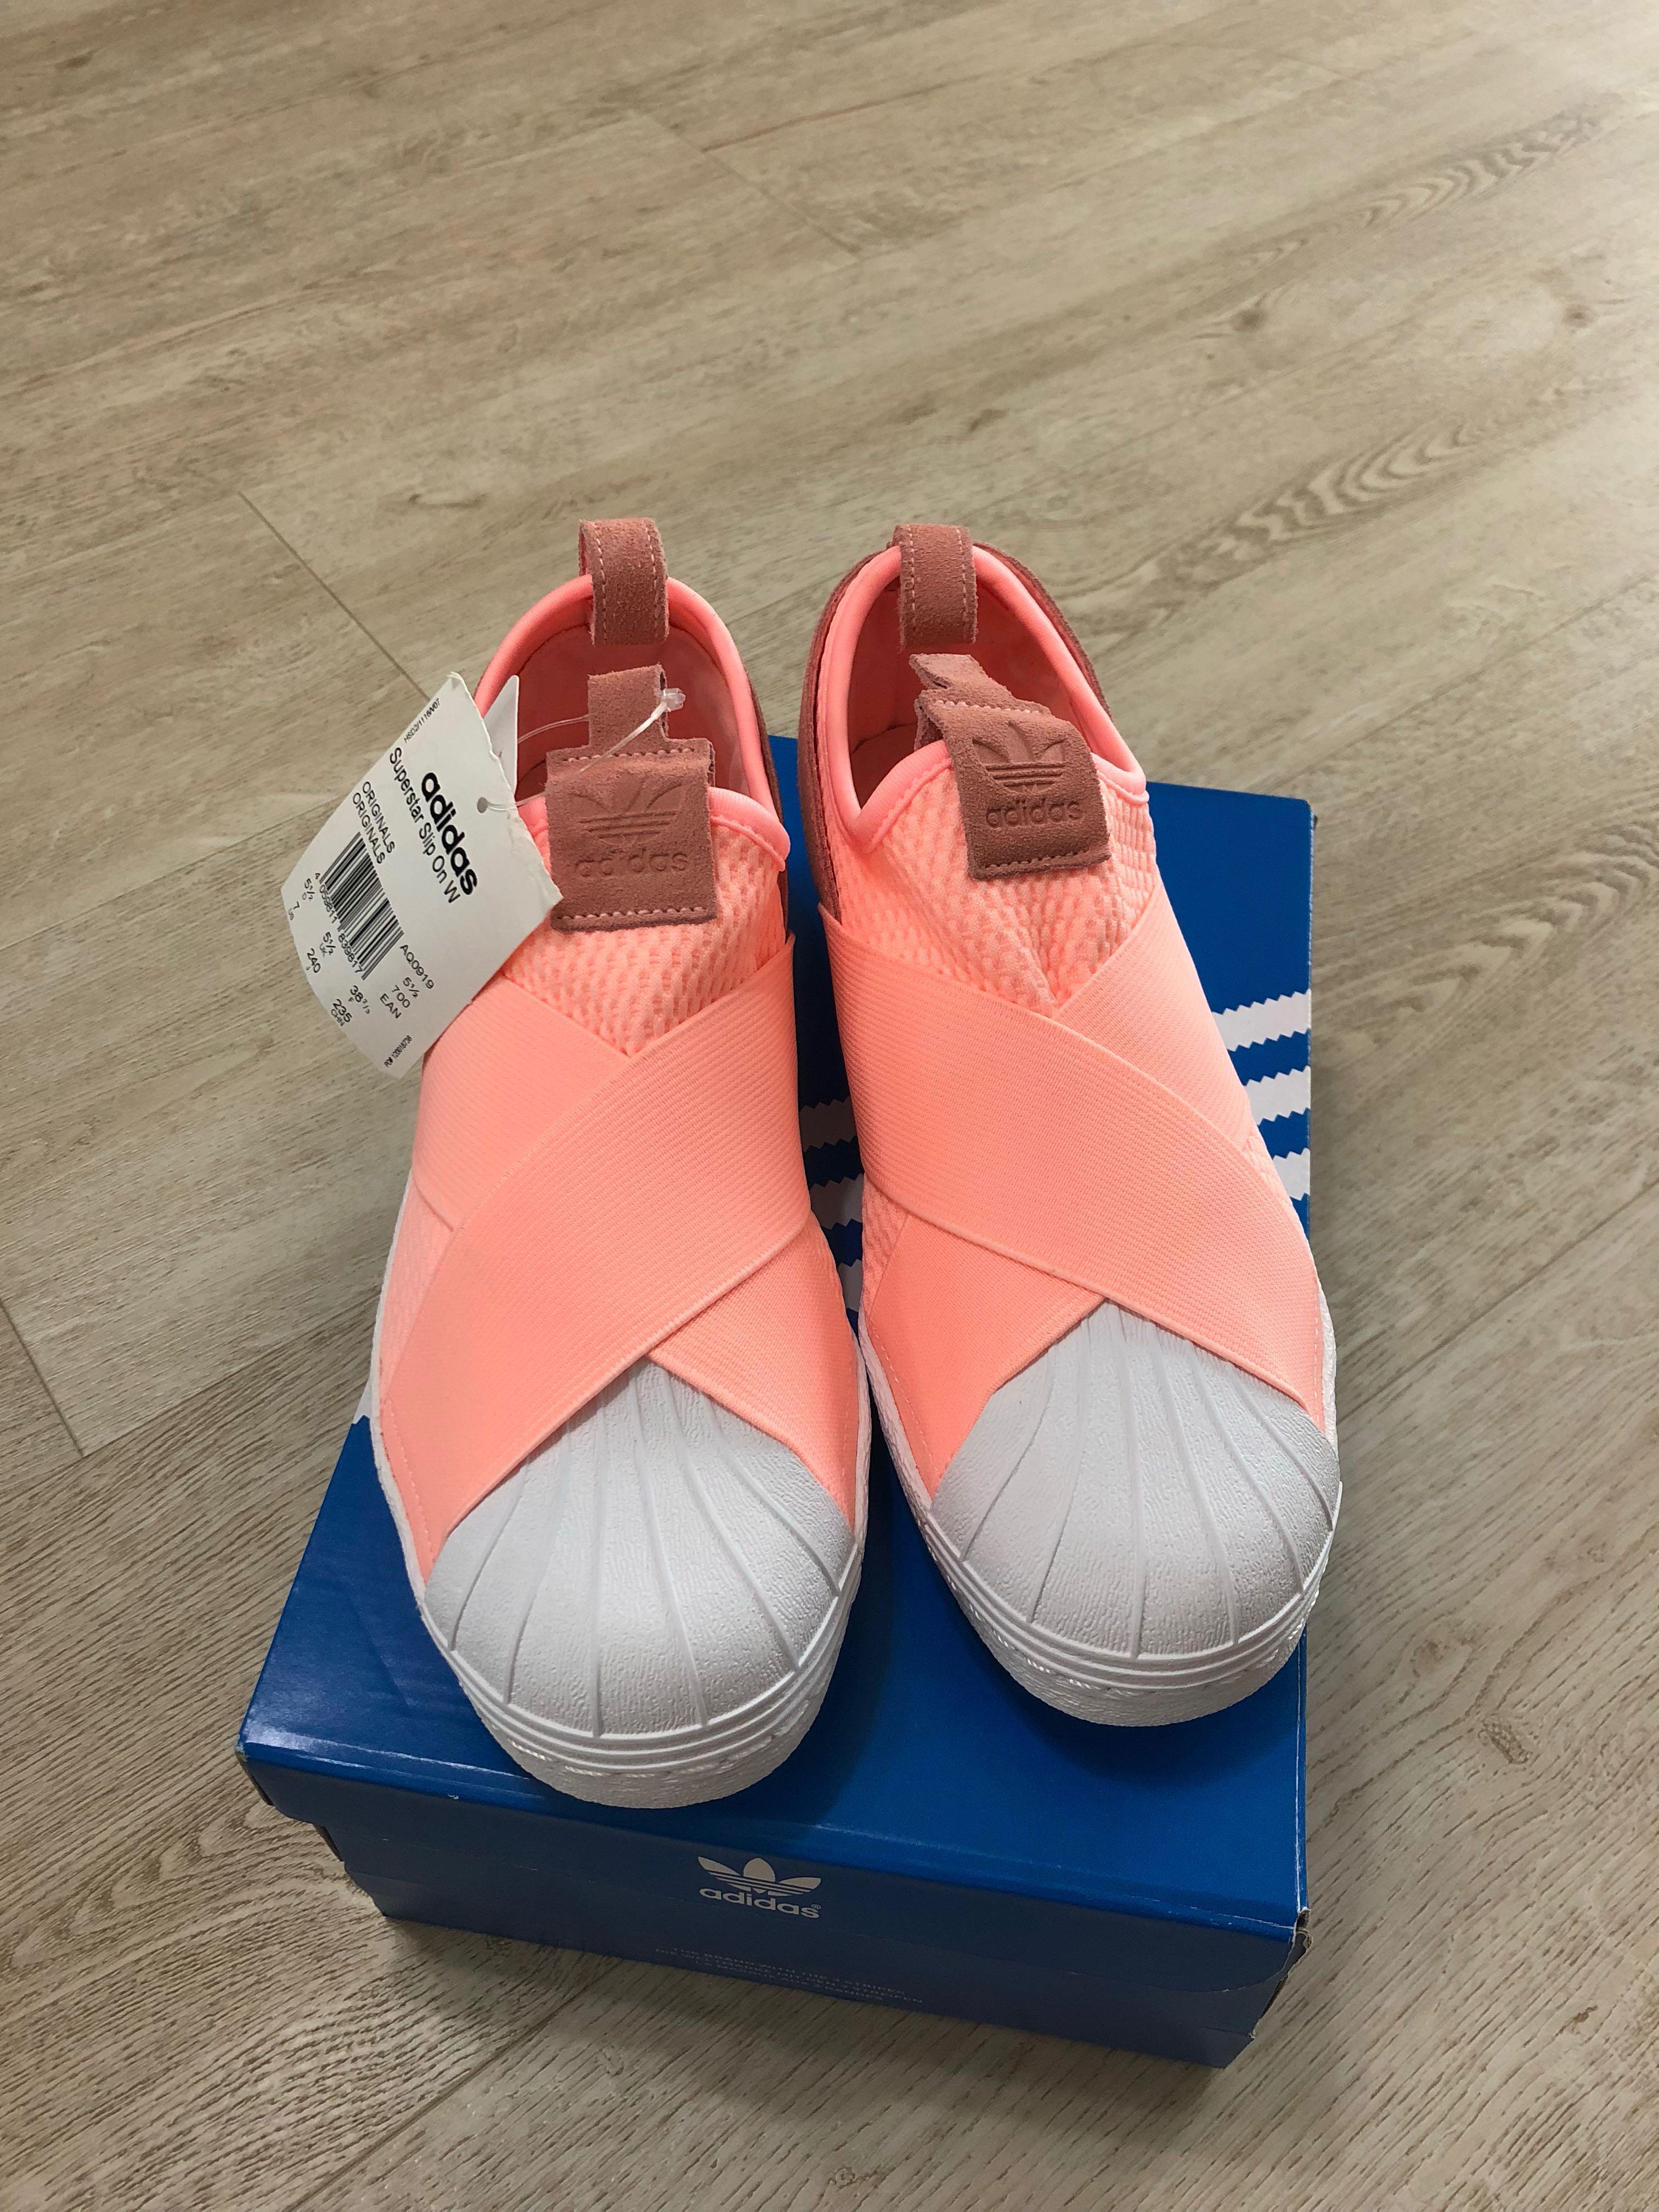 adidas superstar clear orange